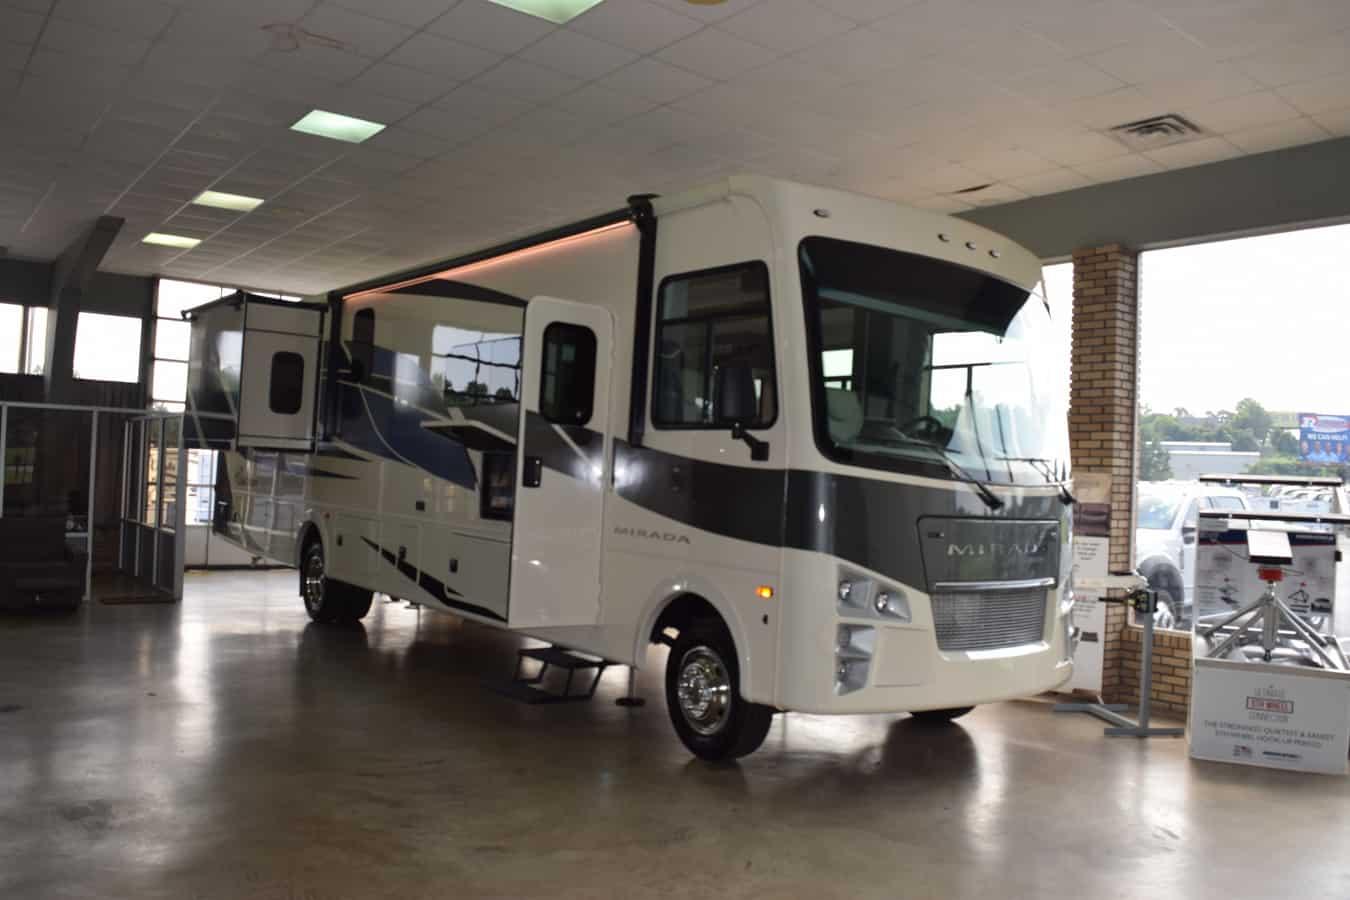 NEW 2022 Coachmen MIRADA 35 ES - Three Way Campers